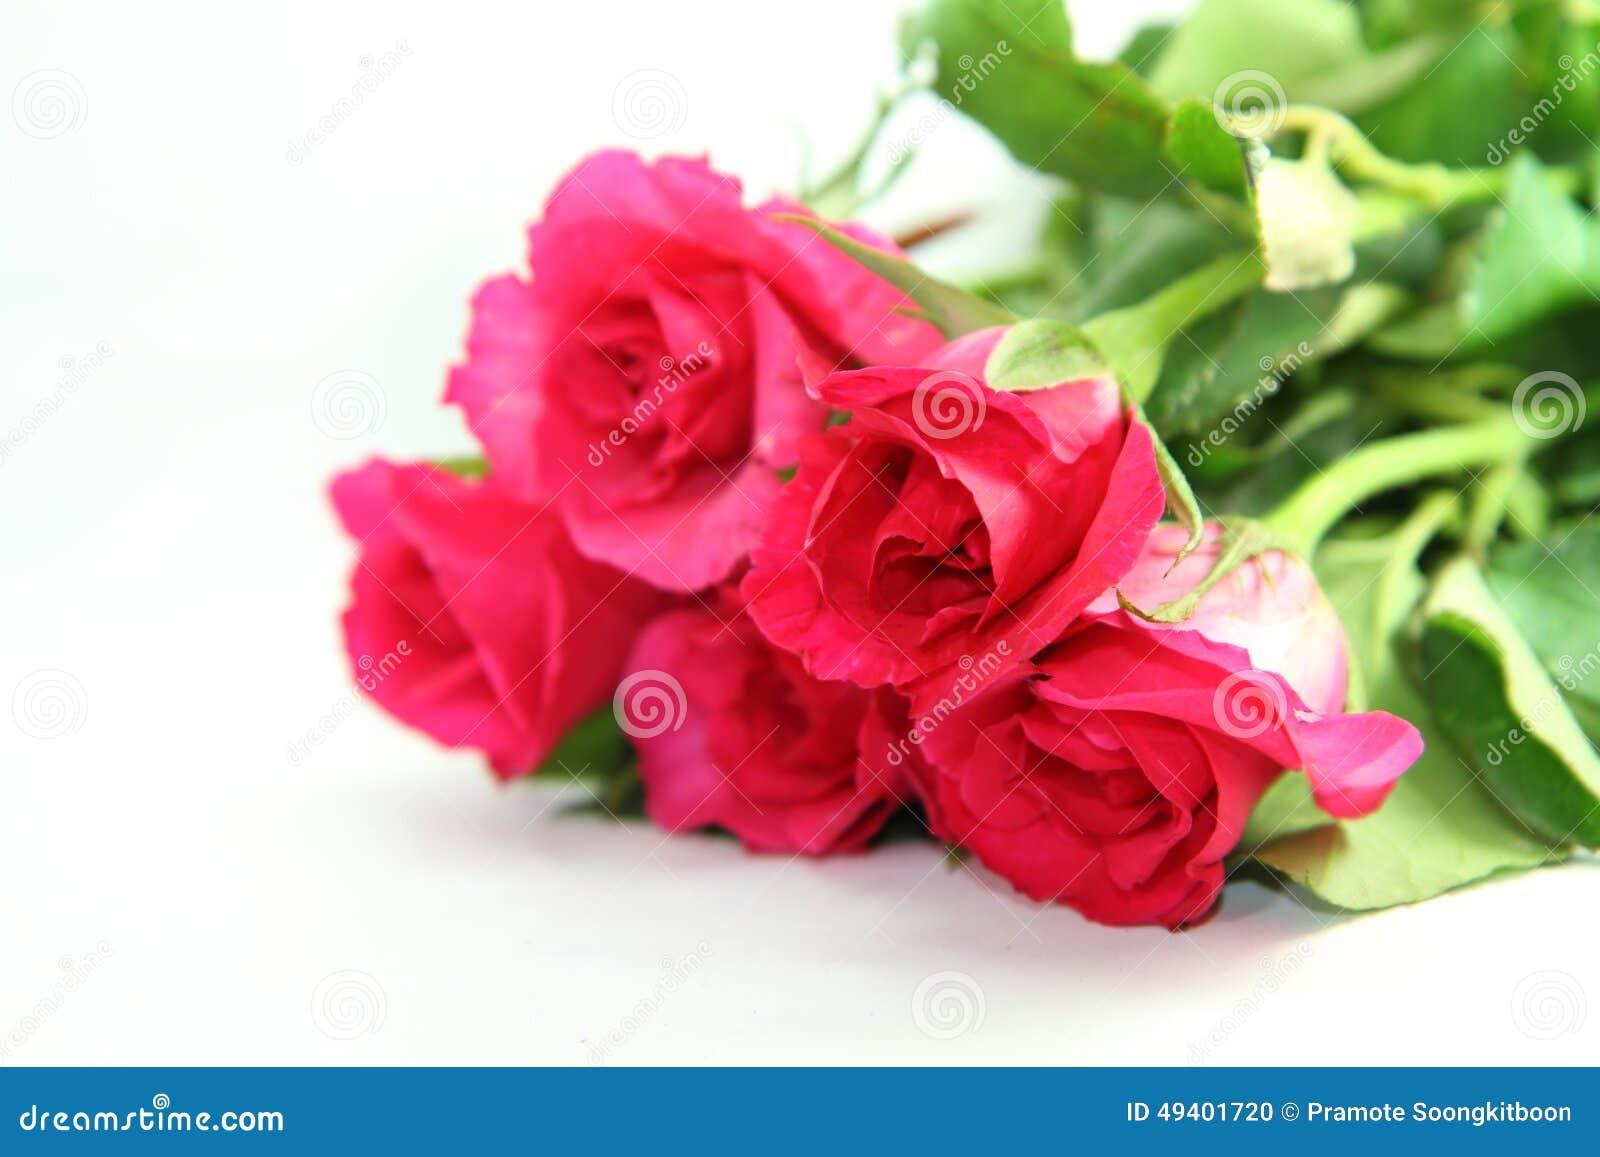 Download Rosafarbene Rosen stockfoto. Bild von grün, liebe, hintergründe - 49401720